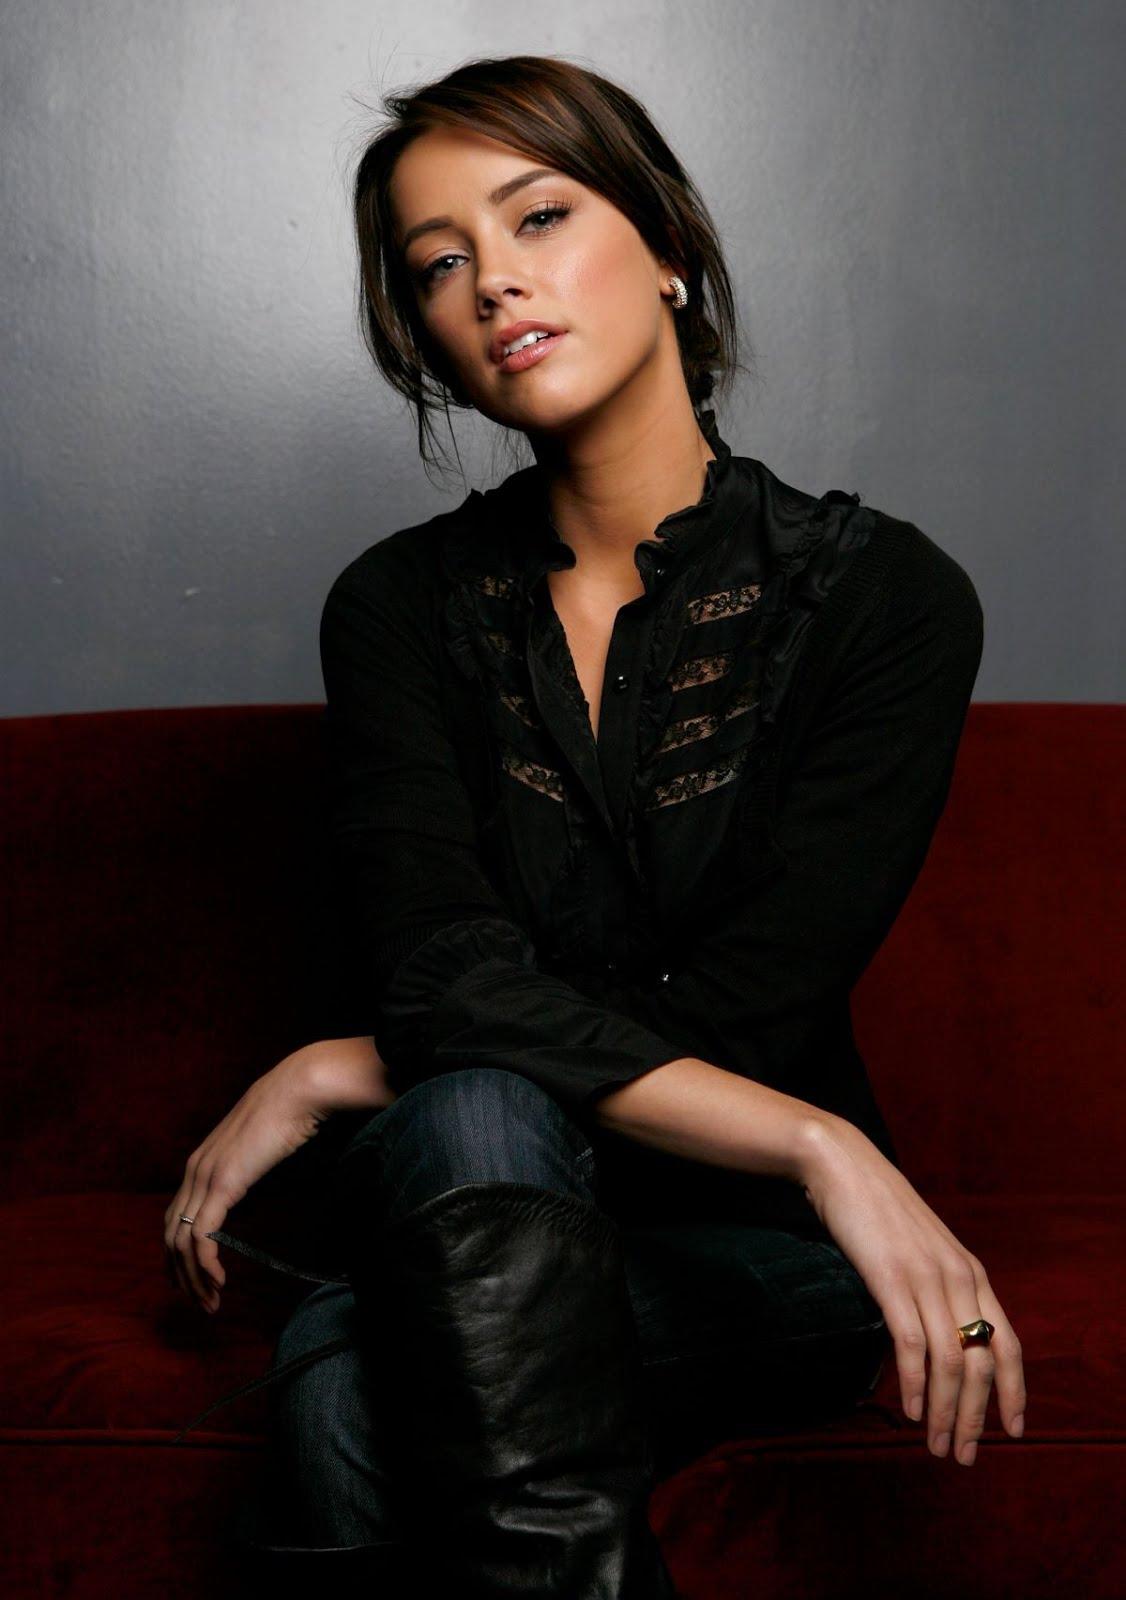 Amber Heard Sundance 2009 portraits